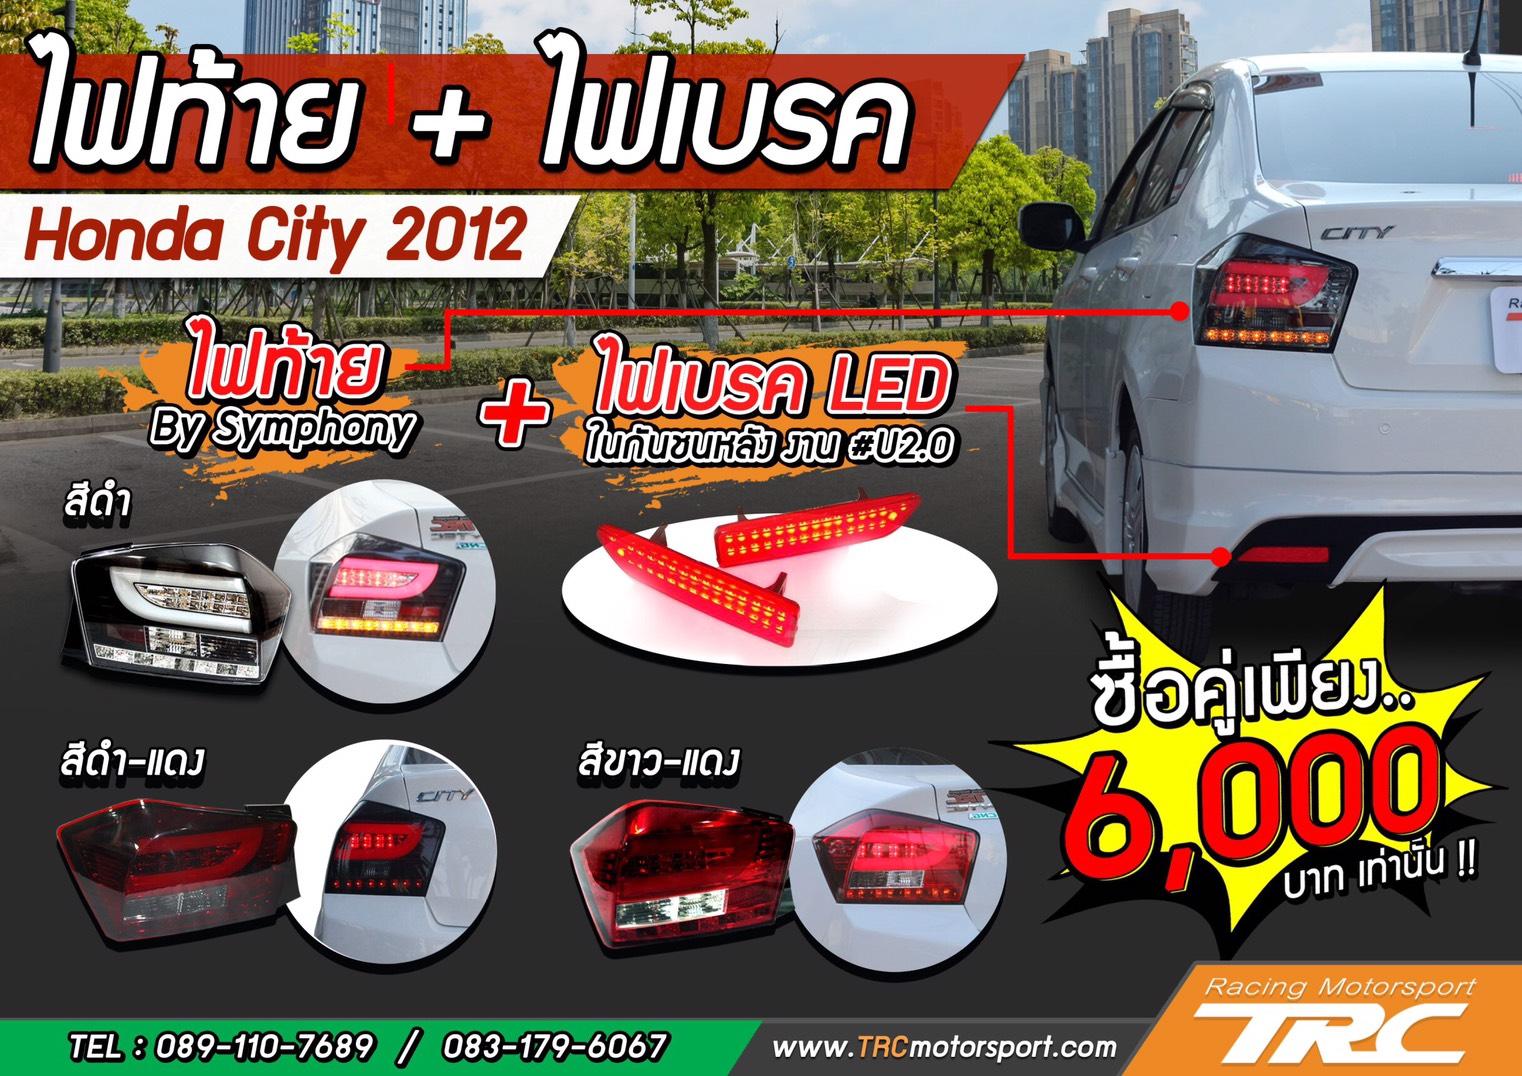 ไฟท้าย ไฟเบรก Honda City 2008-2012